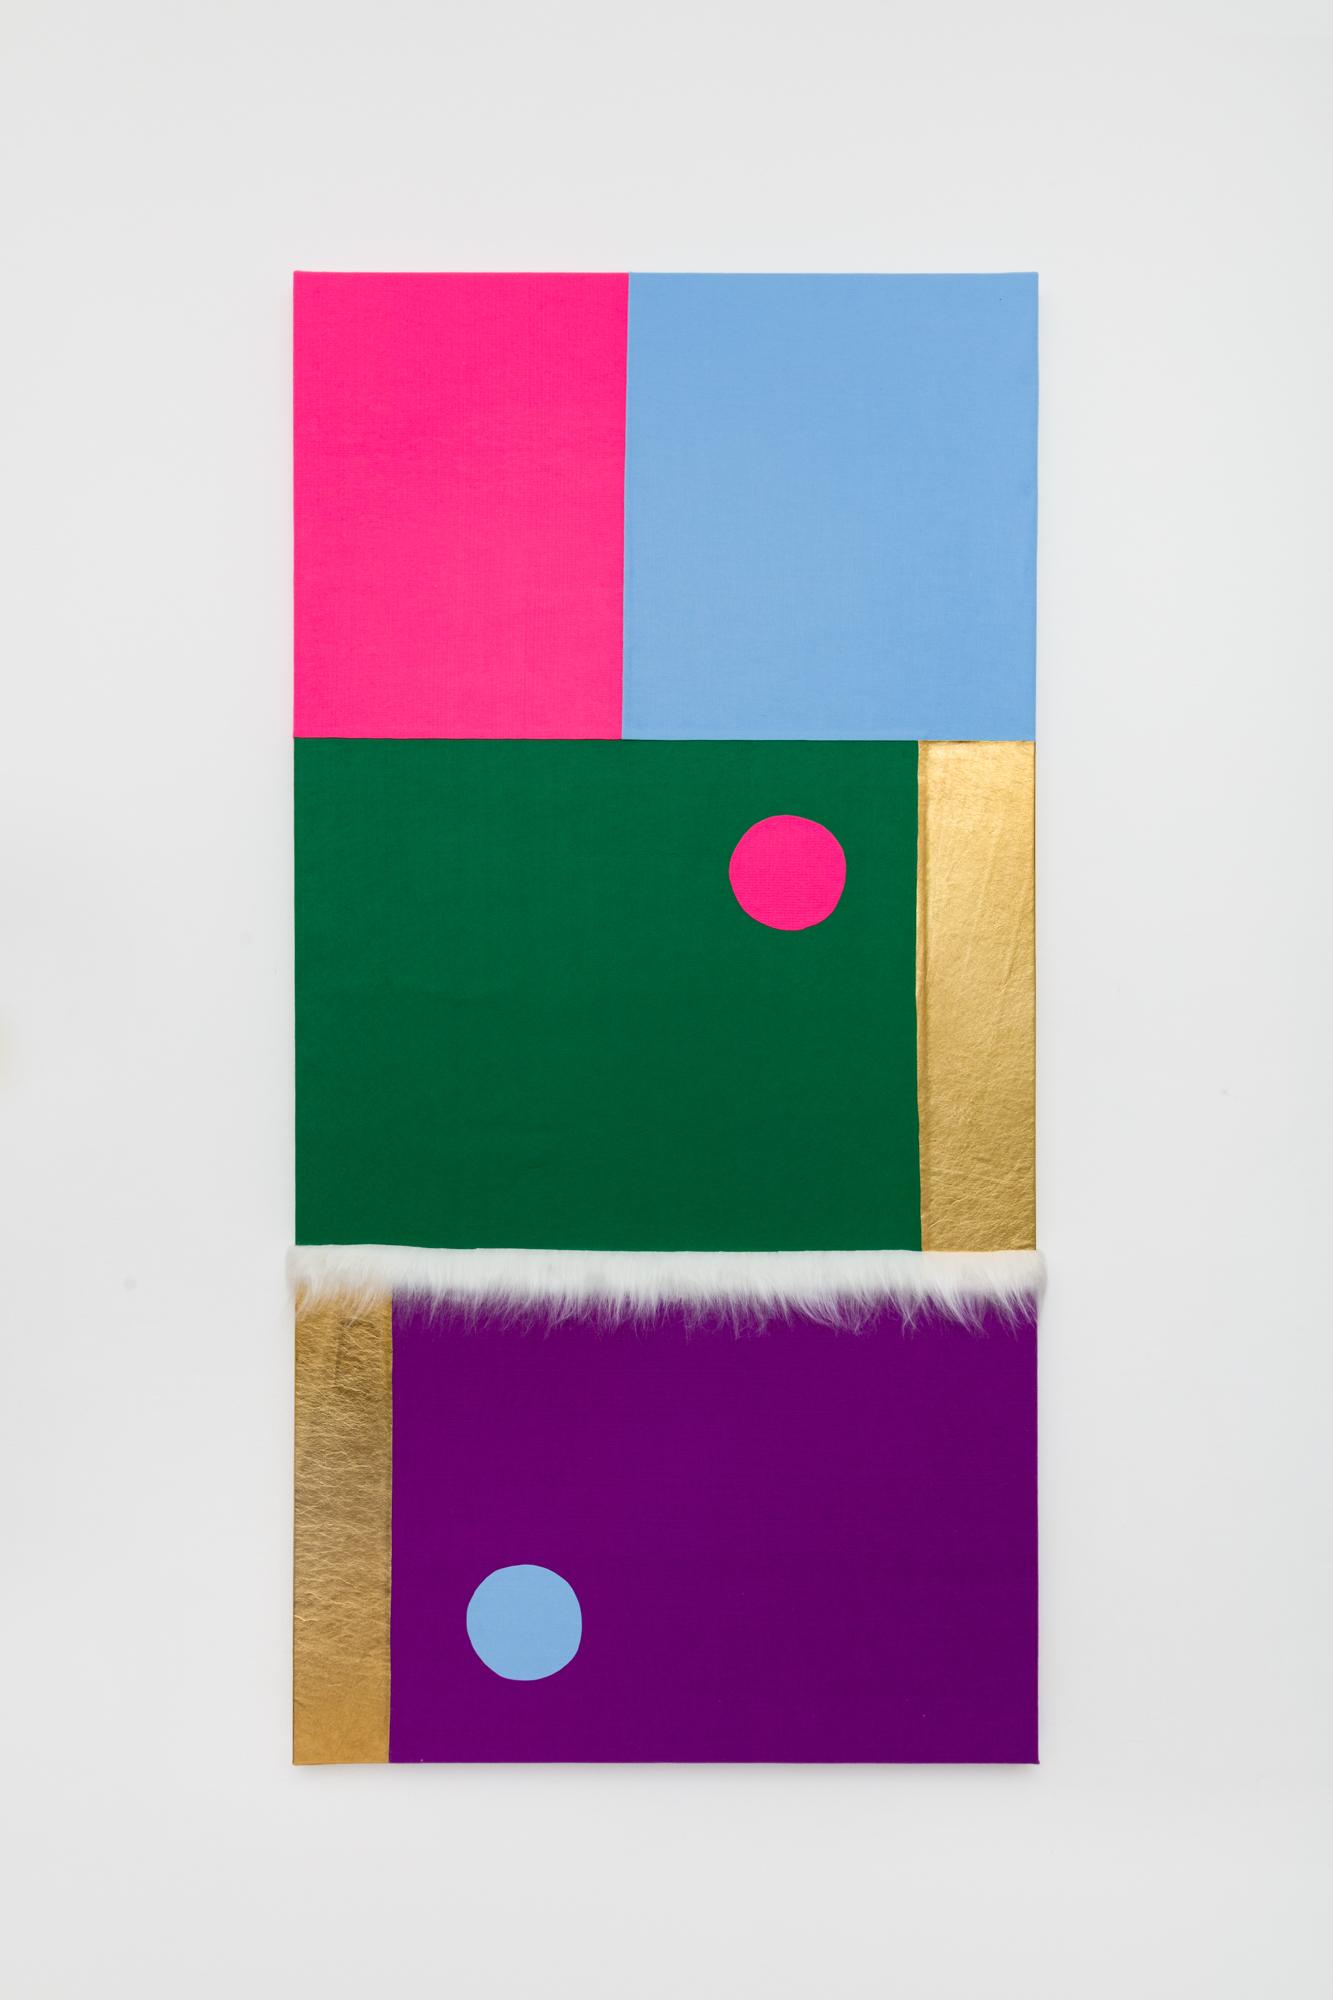 Brasil, 2021. Série Ensaio para encontro do rosa com o azul. Feltro, pele sintética e couro tingido sobre tela. 200x100cm